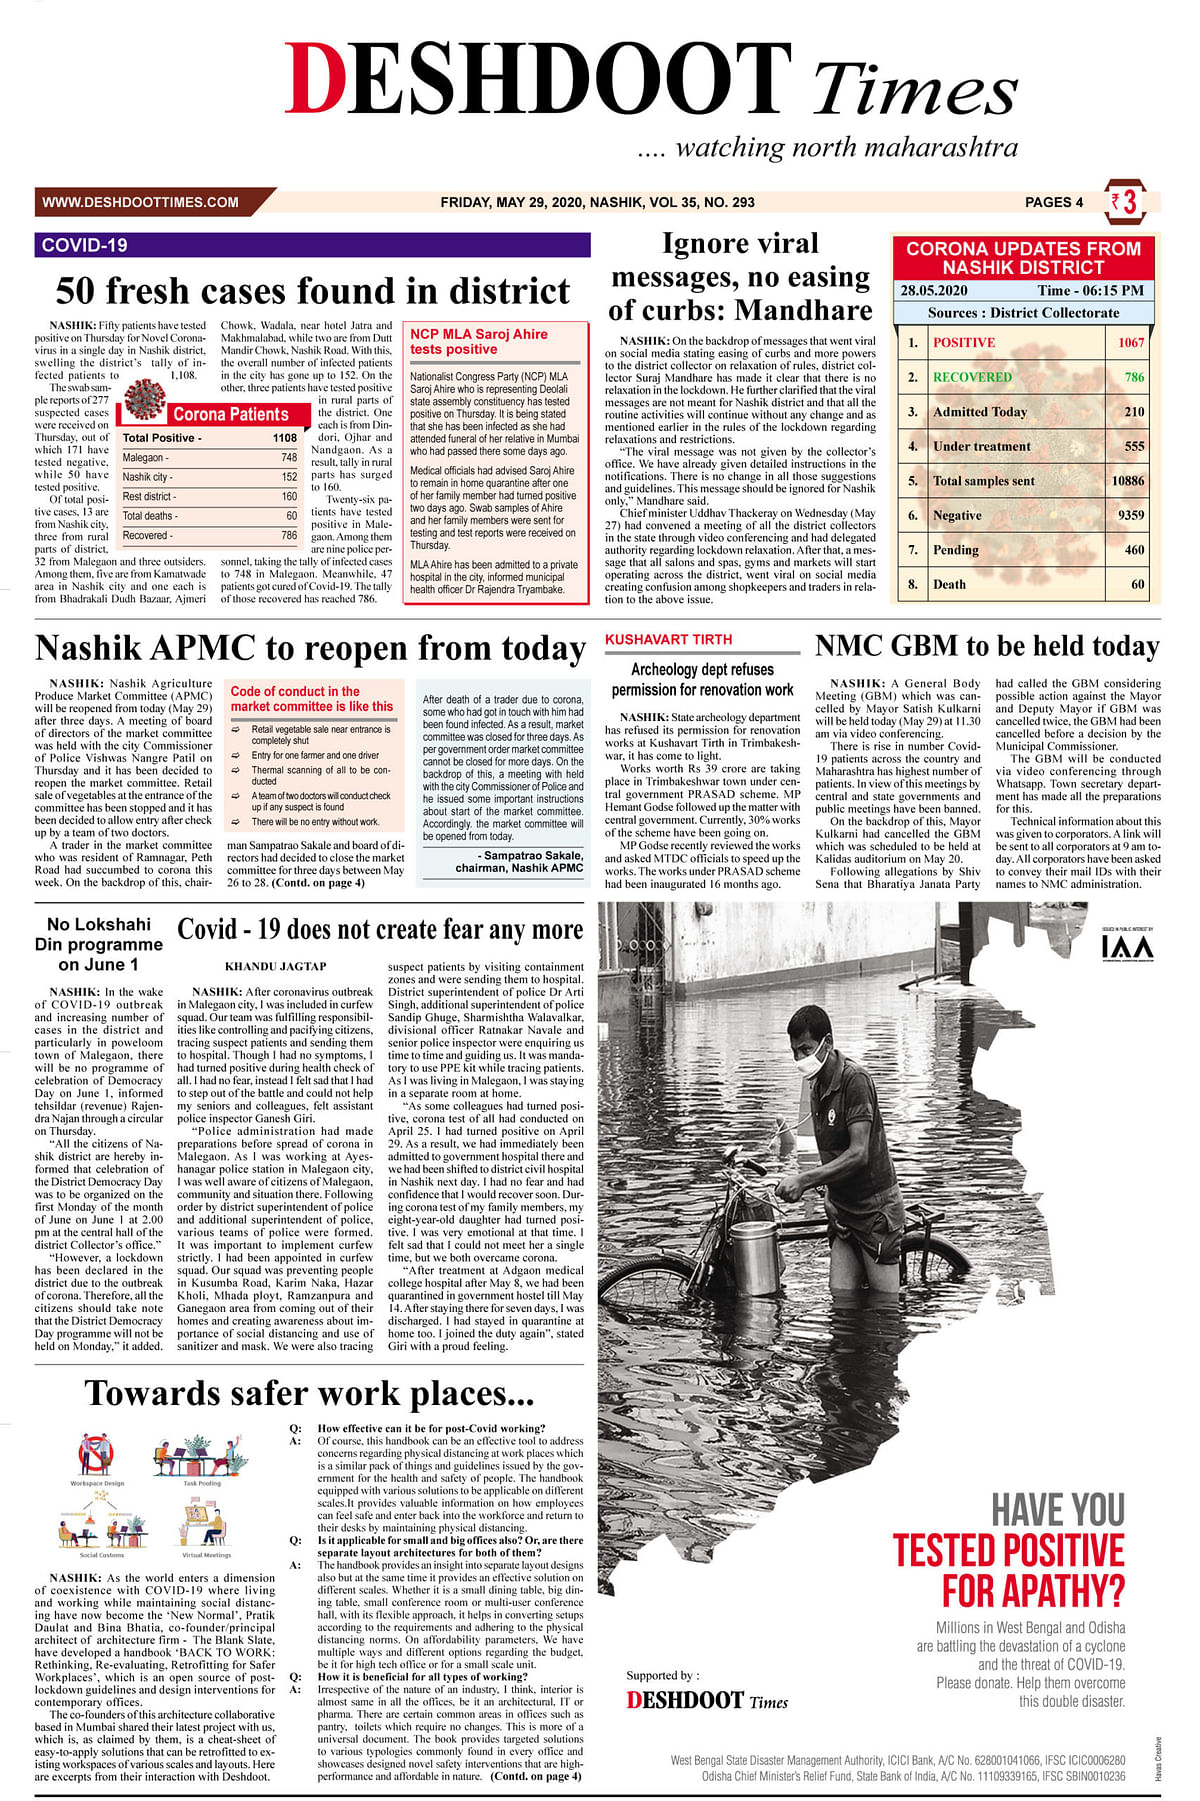 Deshdoot Times E-Paper Dt 29 May 2020